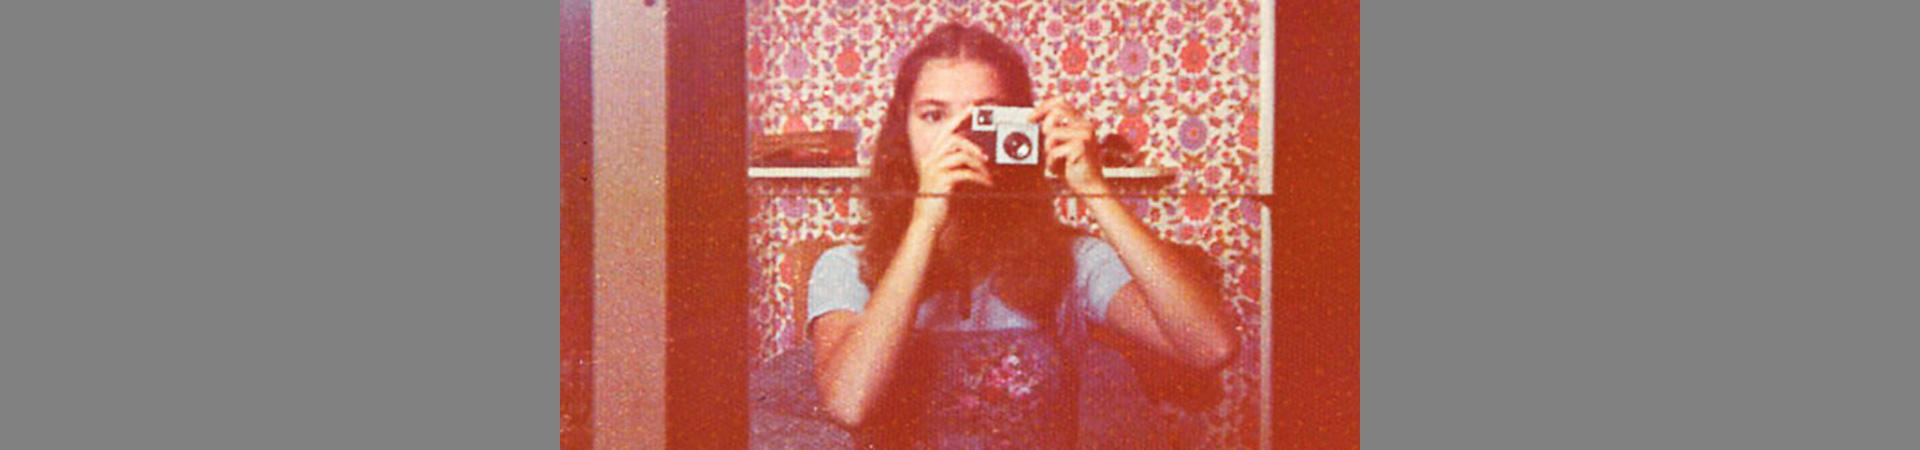 Seminario Una càmera pròpia: breu història de la fotografia feta per dones